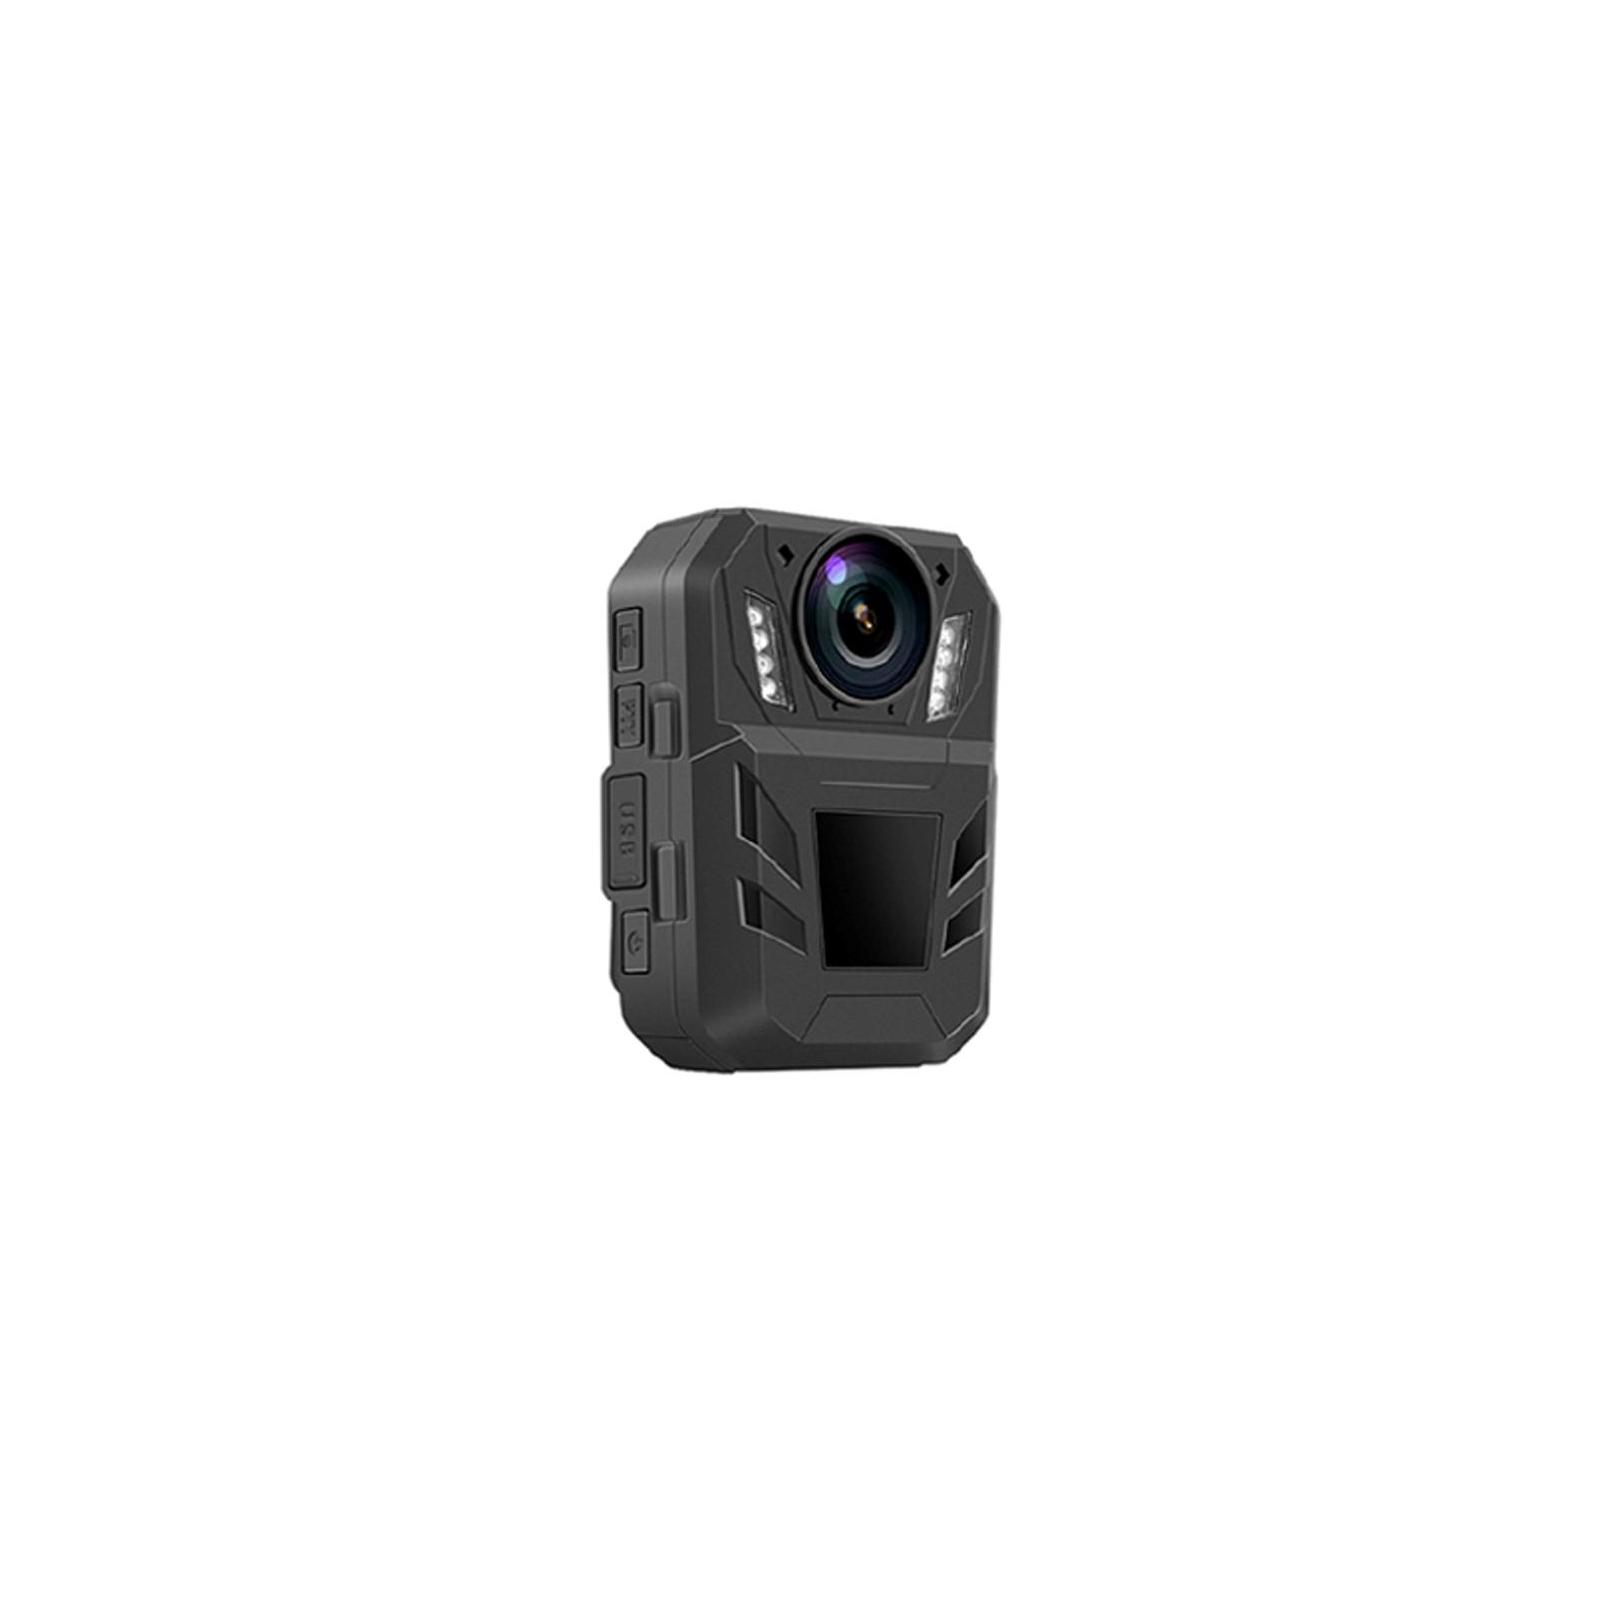 Видеорегистратор Globex Body Camera GE-915 (GE-915) изображение 2